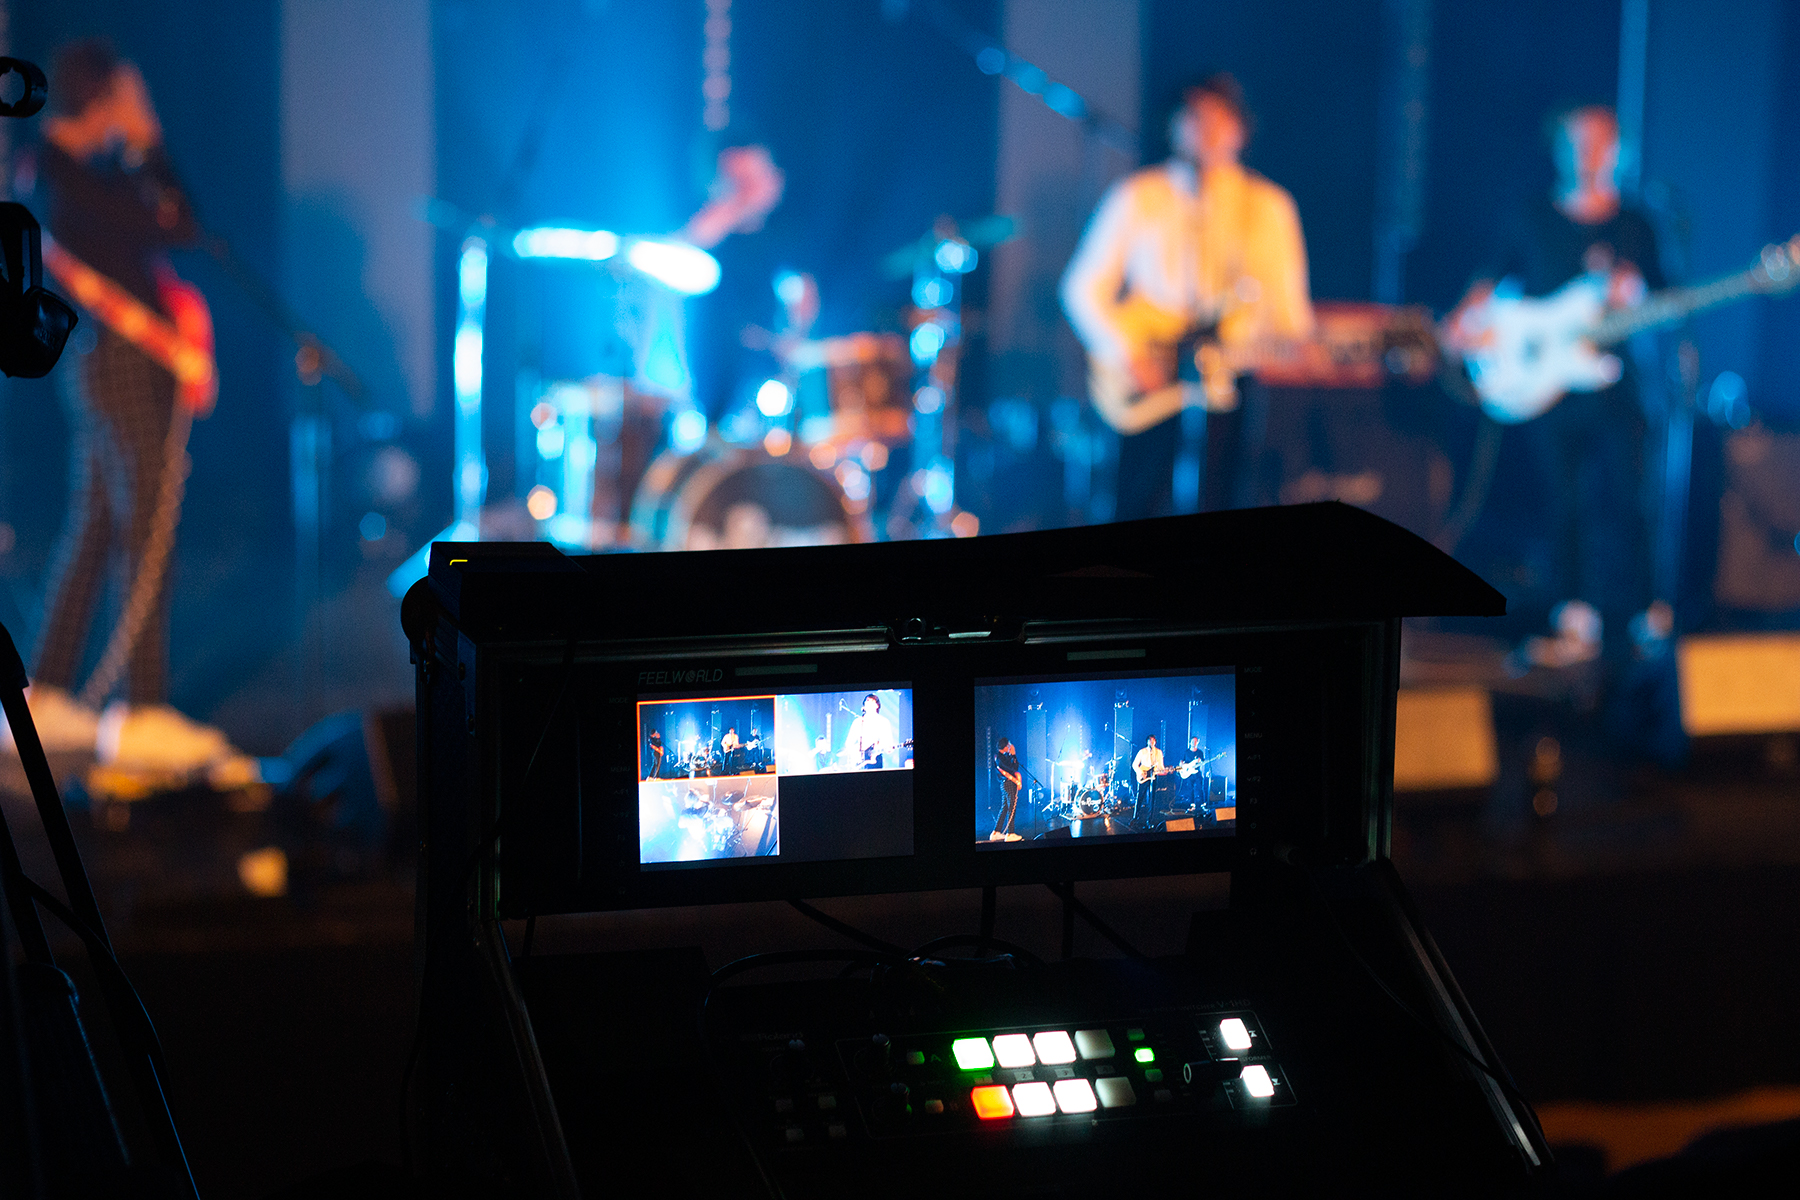 mixed-focus shot of a band performing behind a video monitoring setup